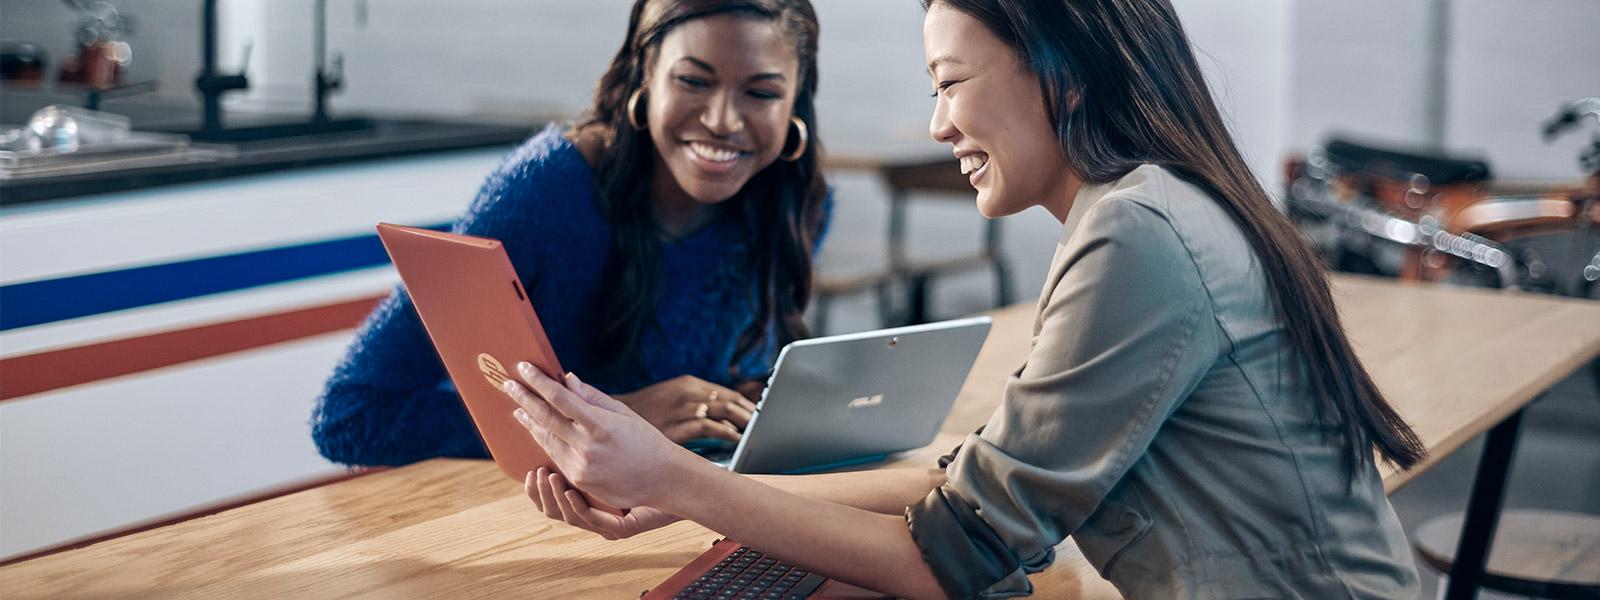 Due donne sedute a un tavolo osservano lo schermo di un tablet sostenuto fra loro da un'altra donna